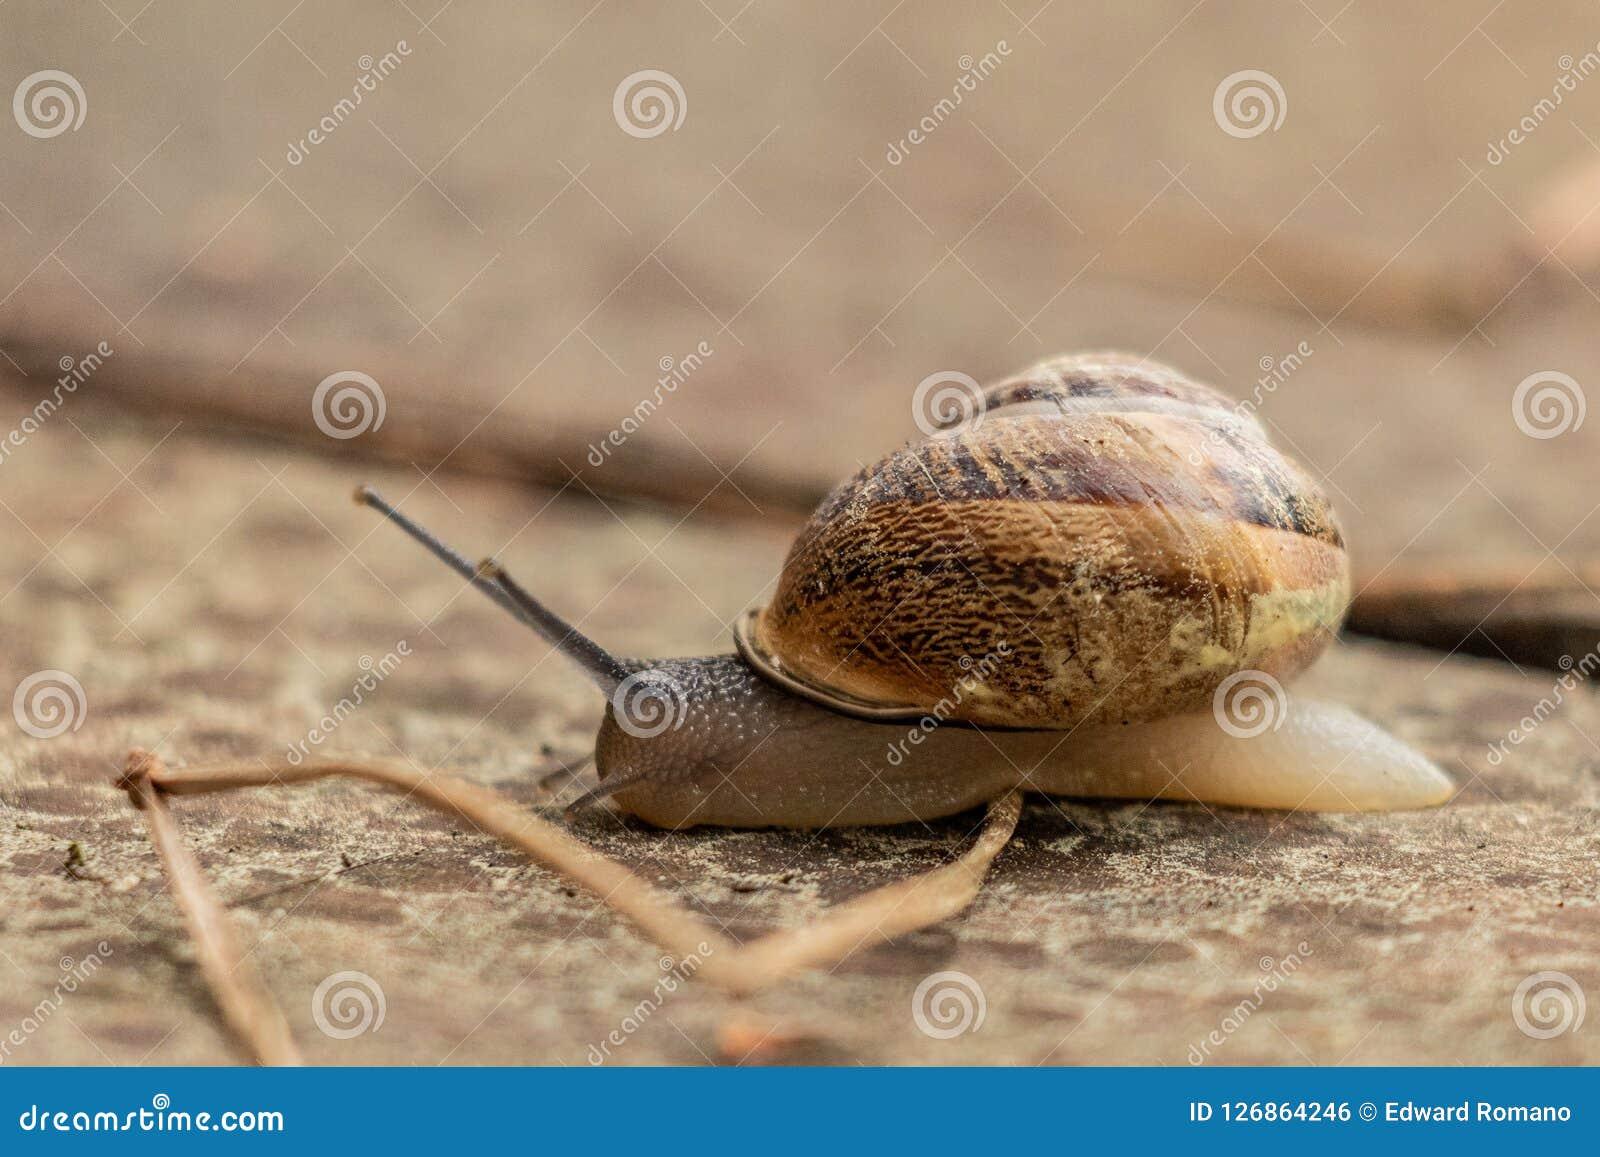 Sluit omhoog mening van een leuke tuinslak, langzaam komend uit zijn shell Mooi, bruin, fibonacci, spiraal, schroefpatroon